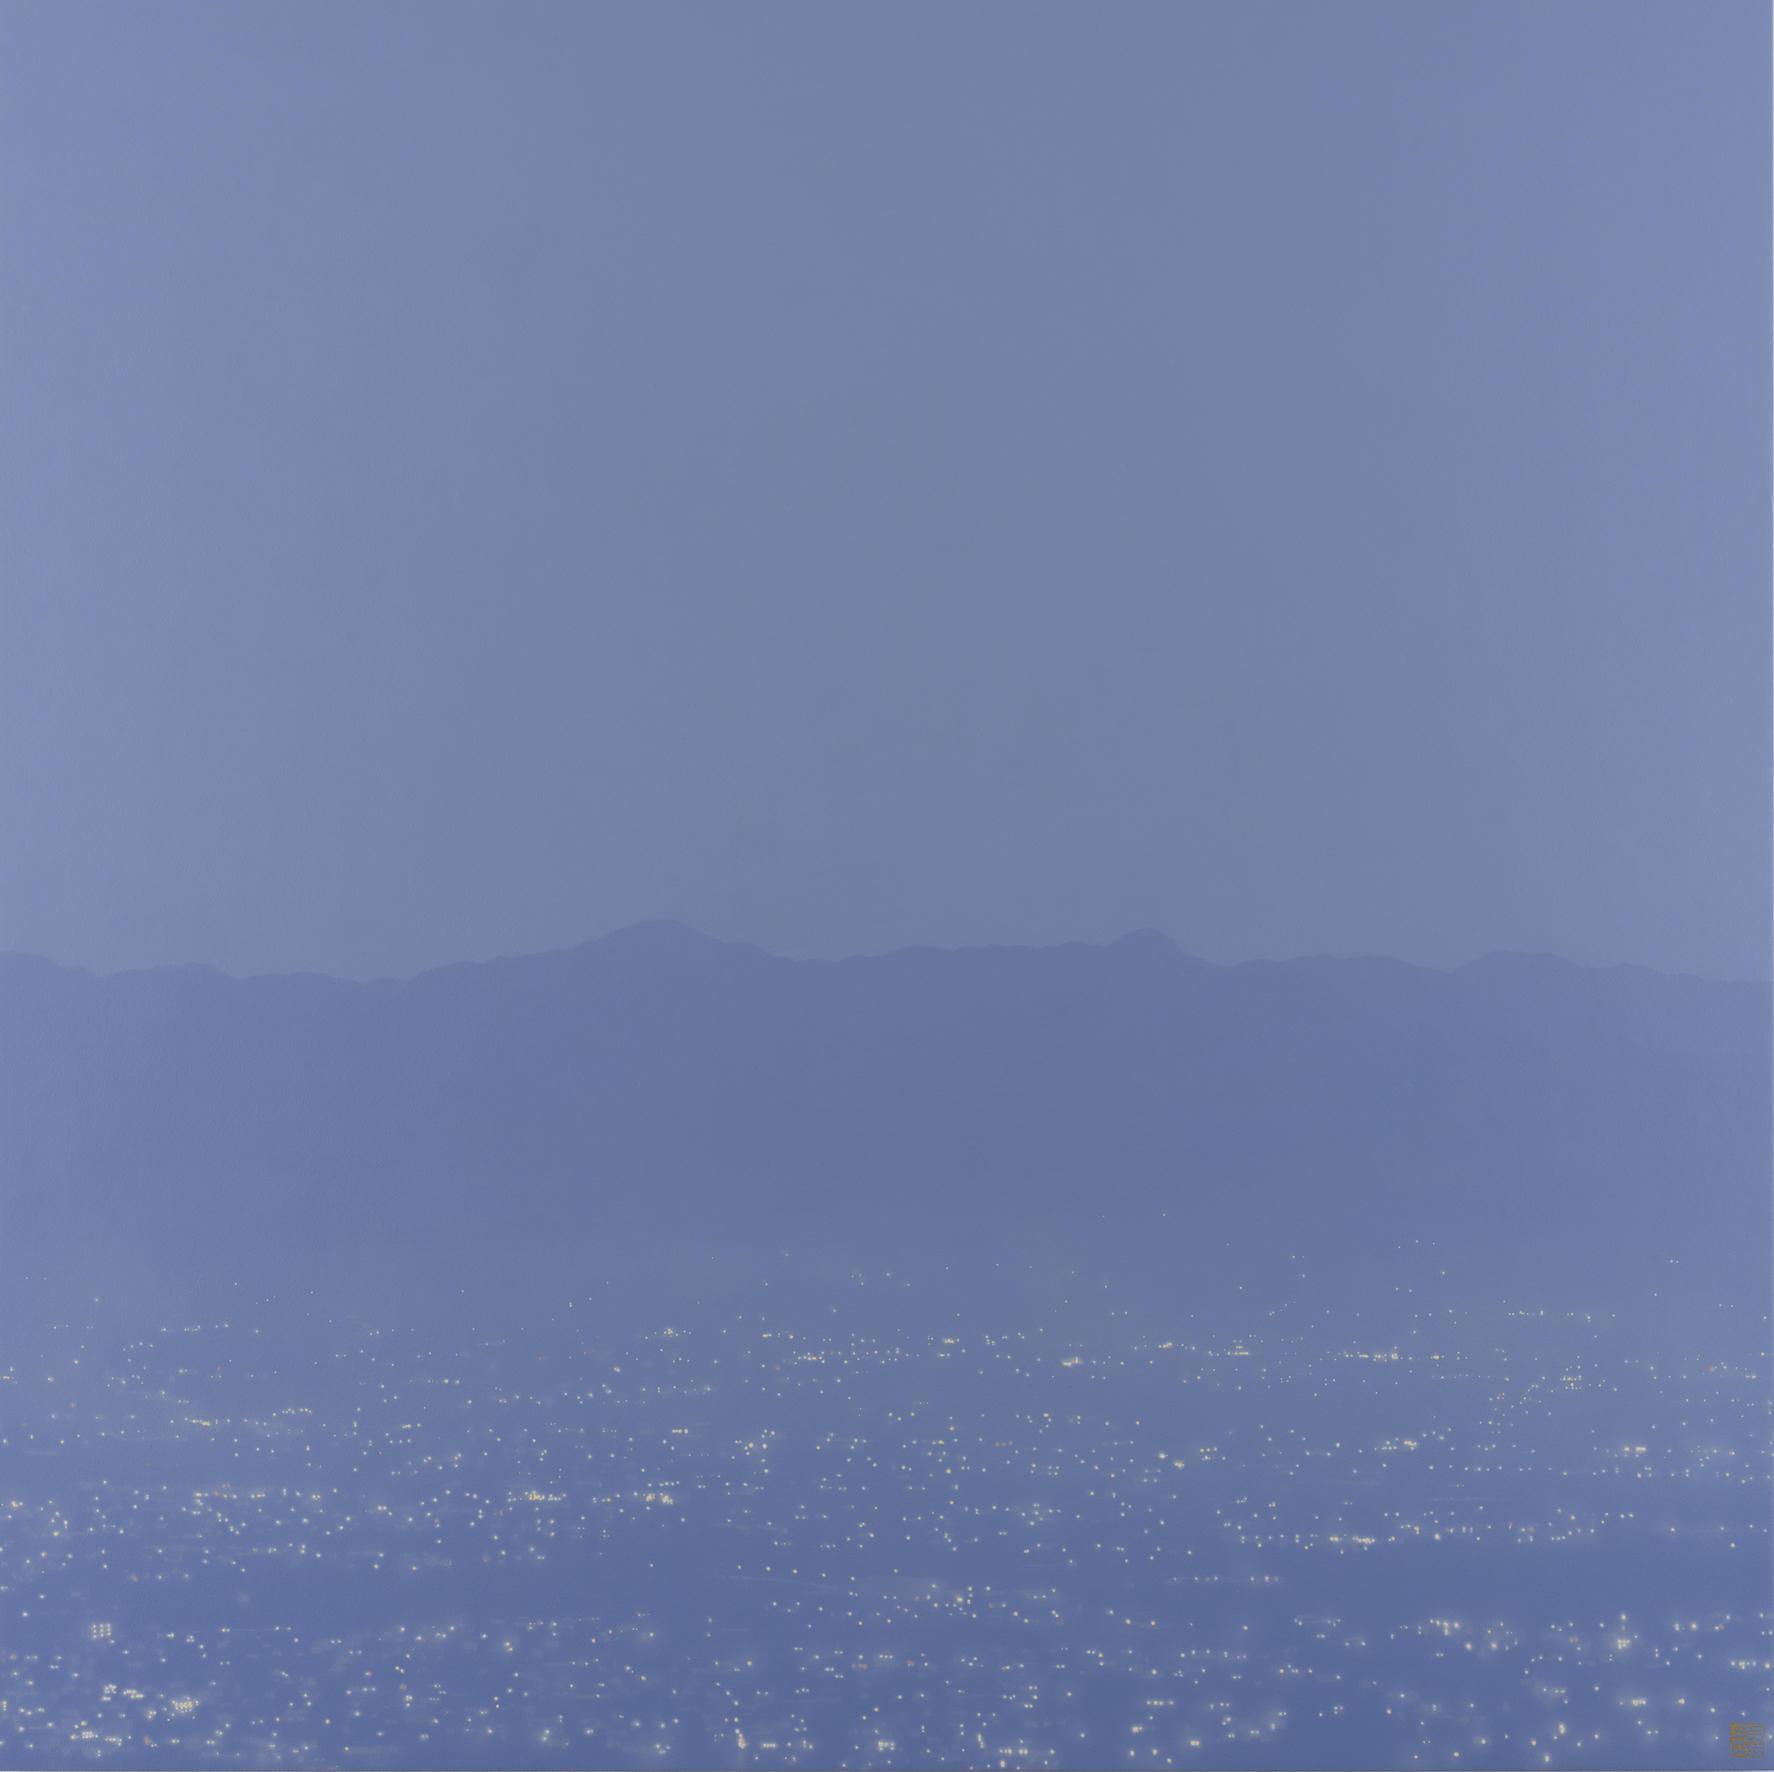 阪本トクロウ|デイリーライブス展 @武蔵野市立吉祥寺美術館